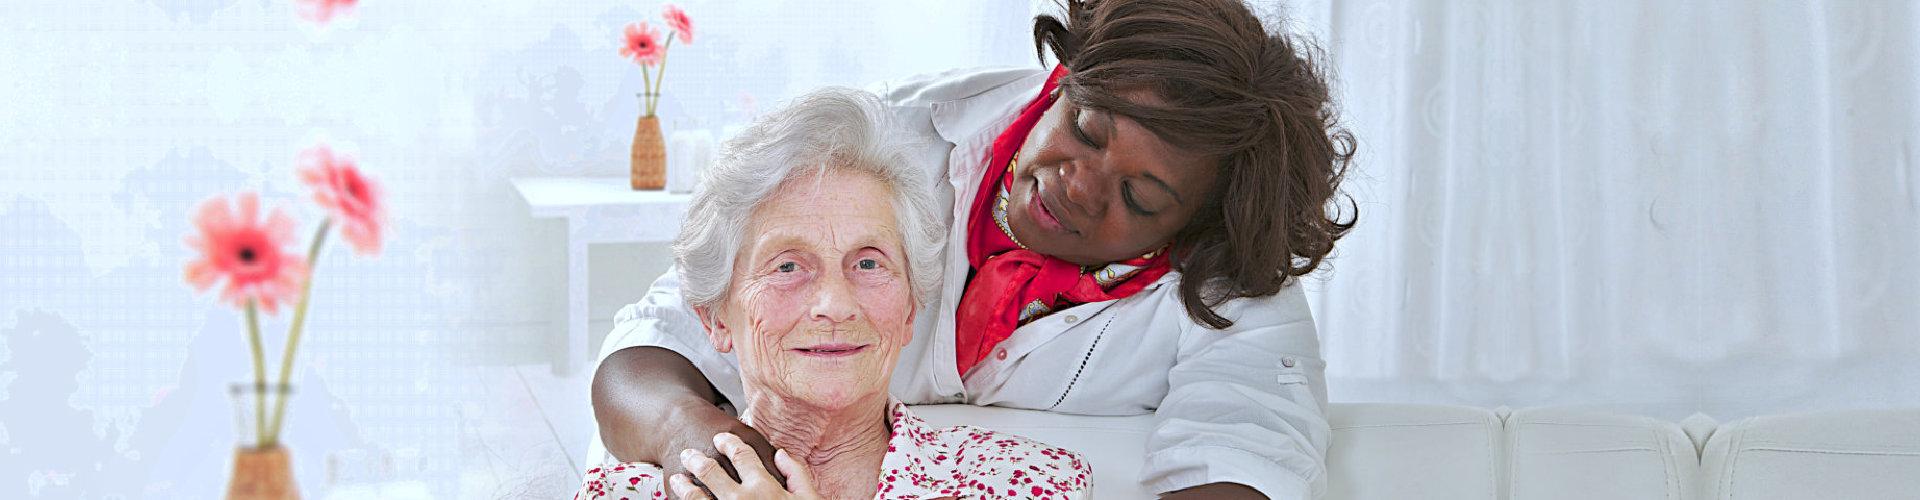 caregiver looking at a senior woman